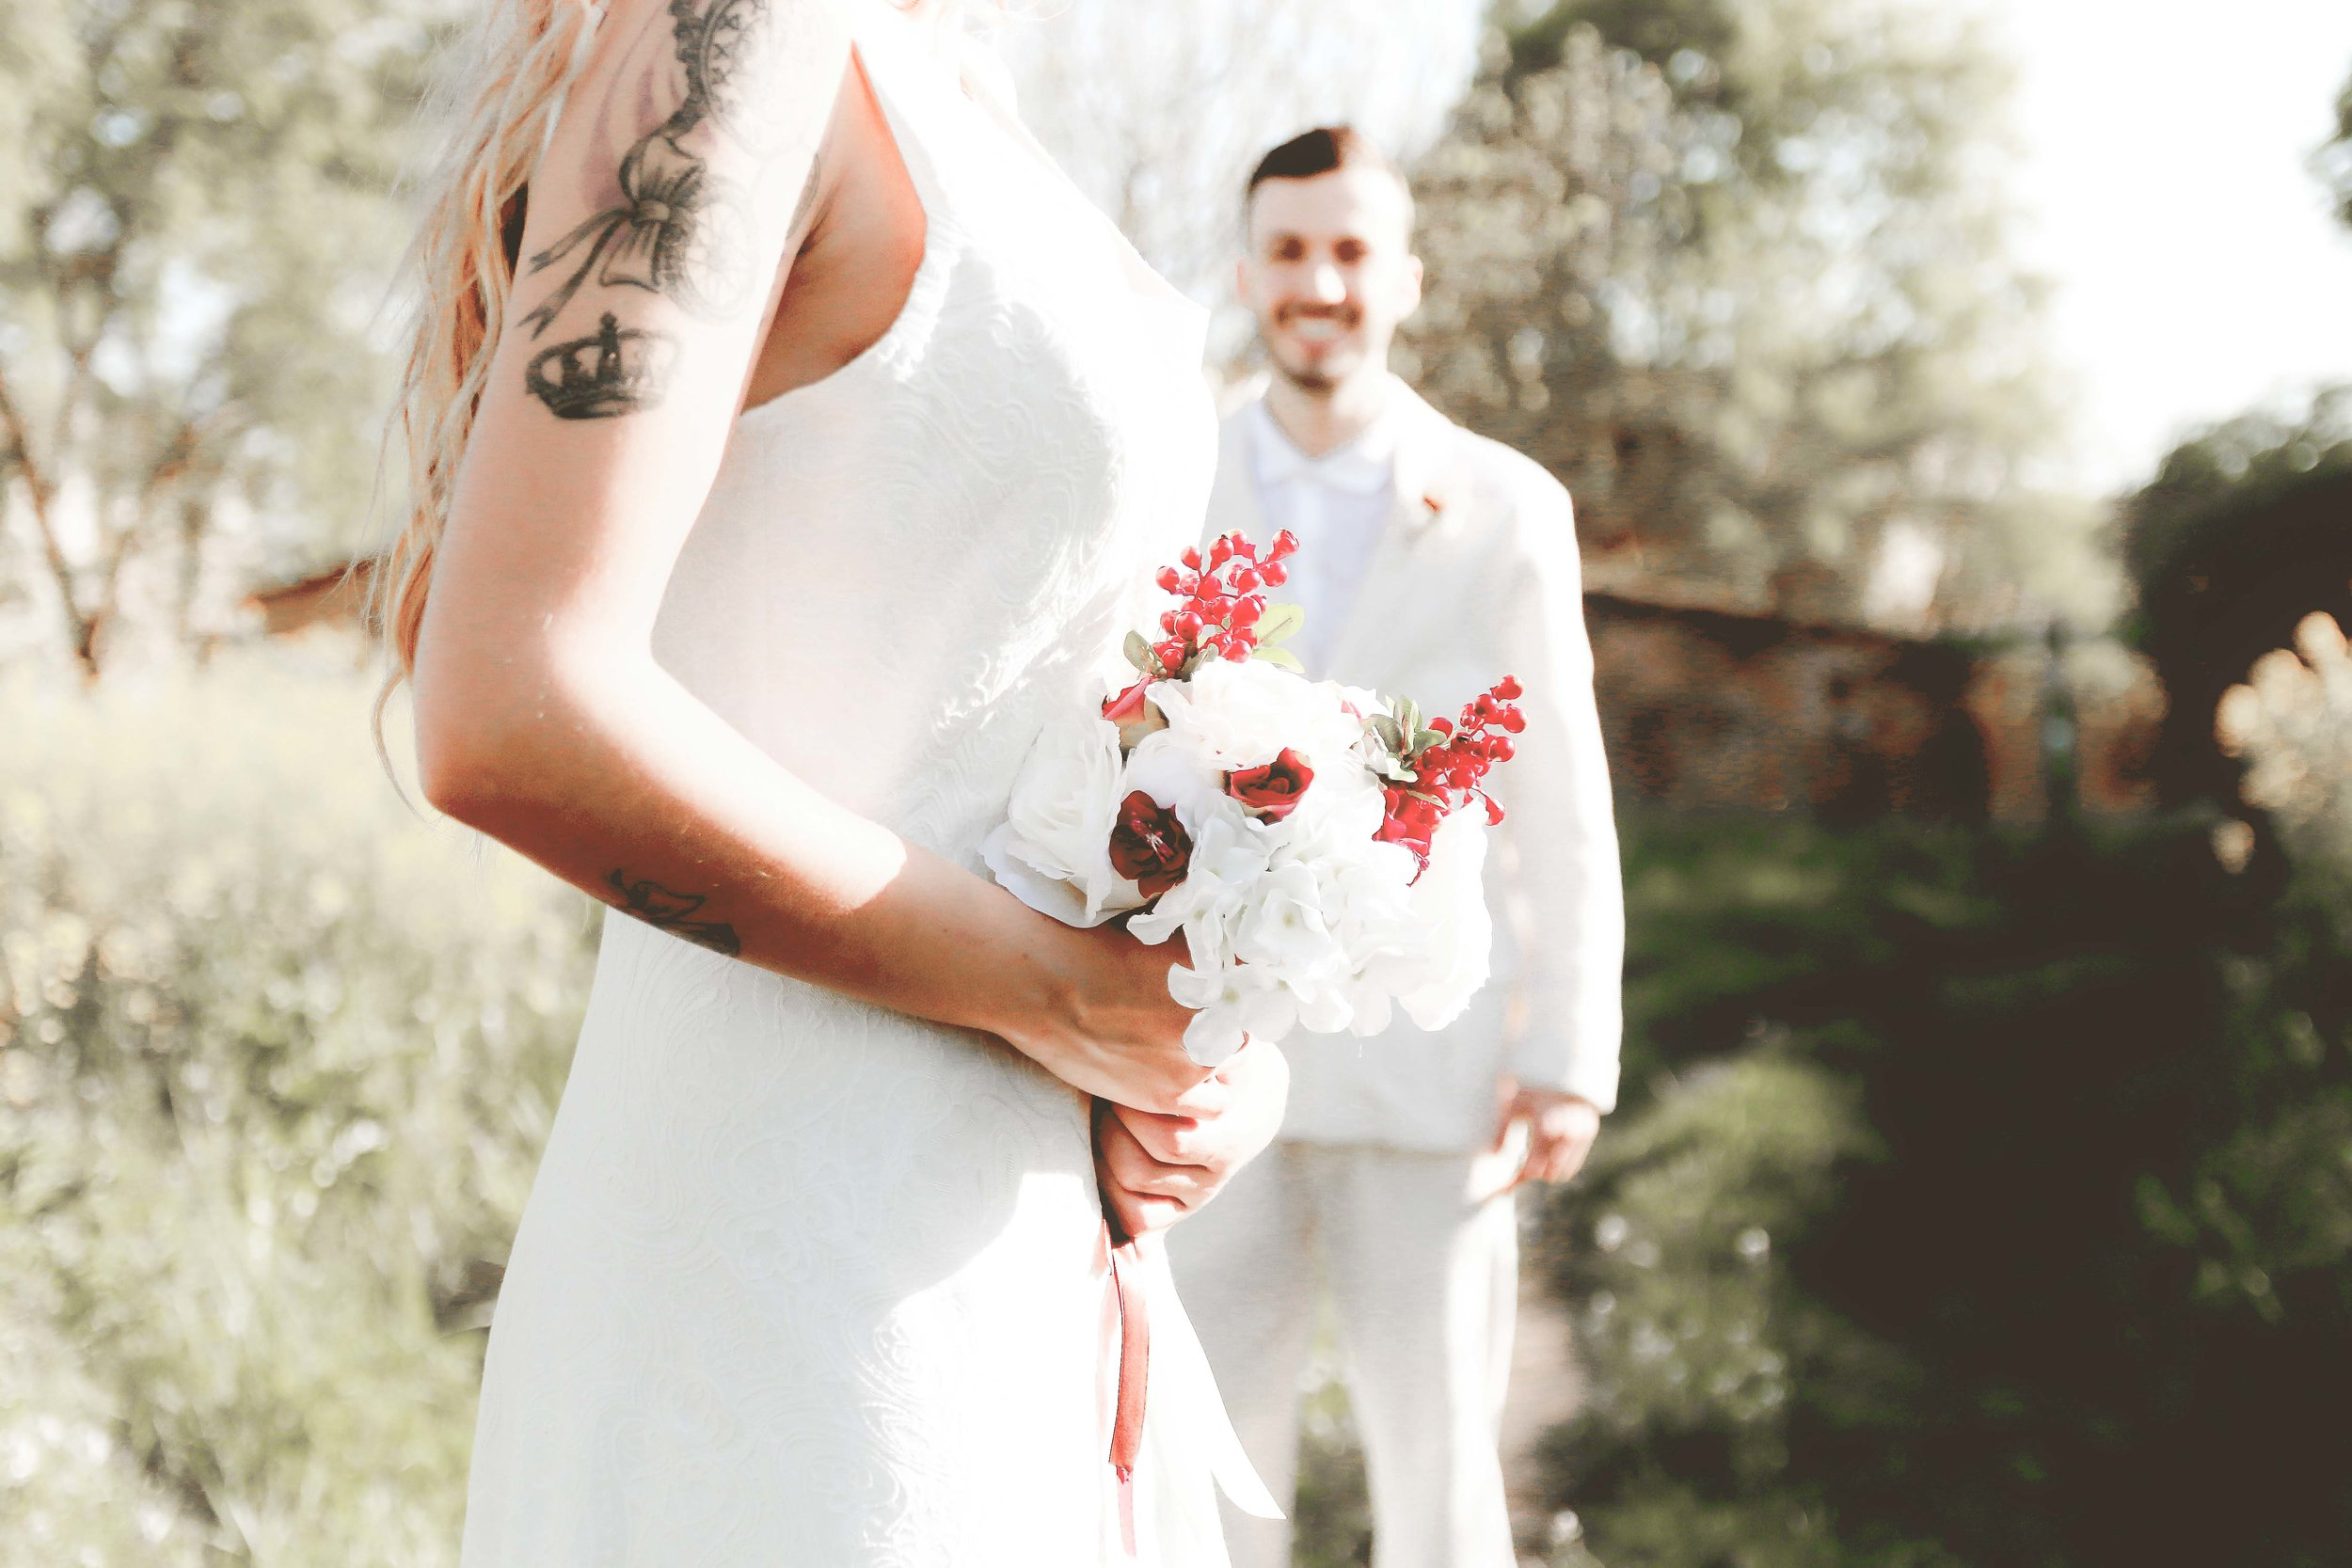 fotografo-boda-barcelona-10.jpg